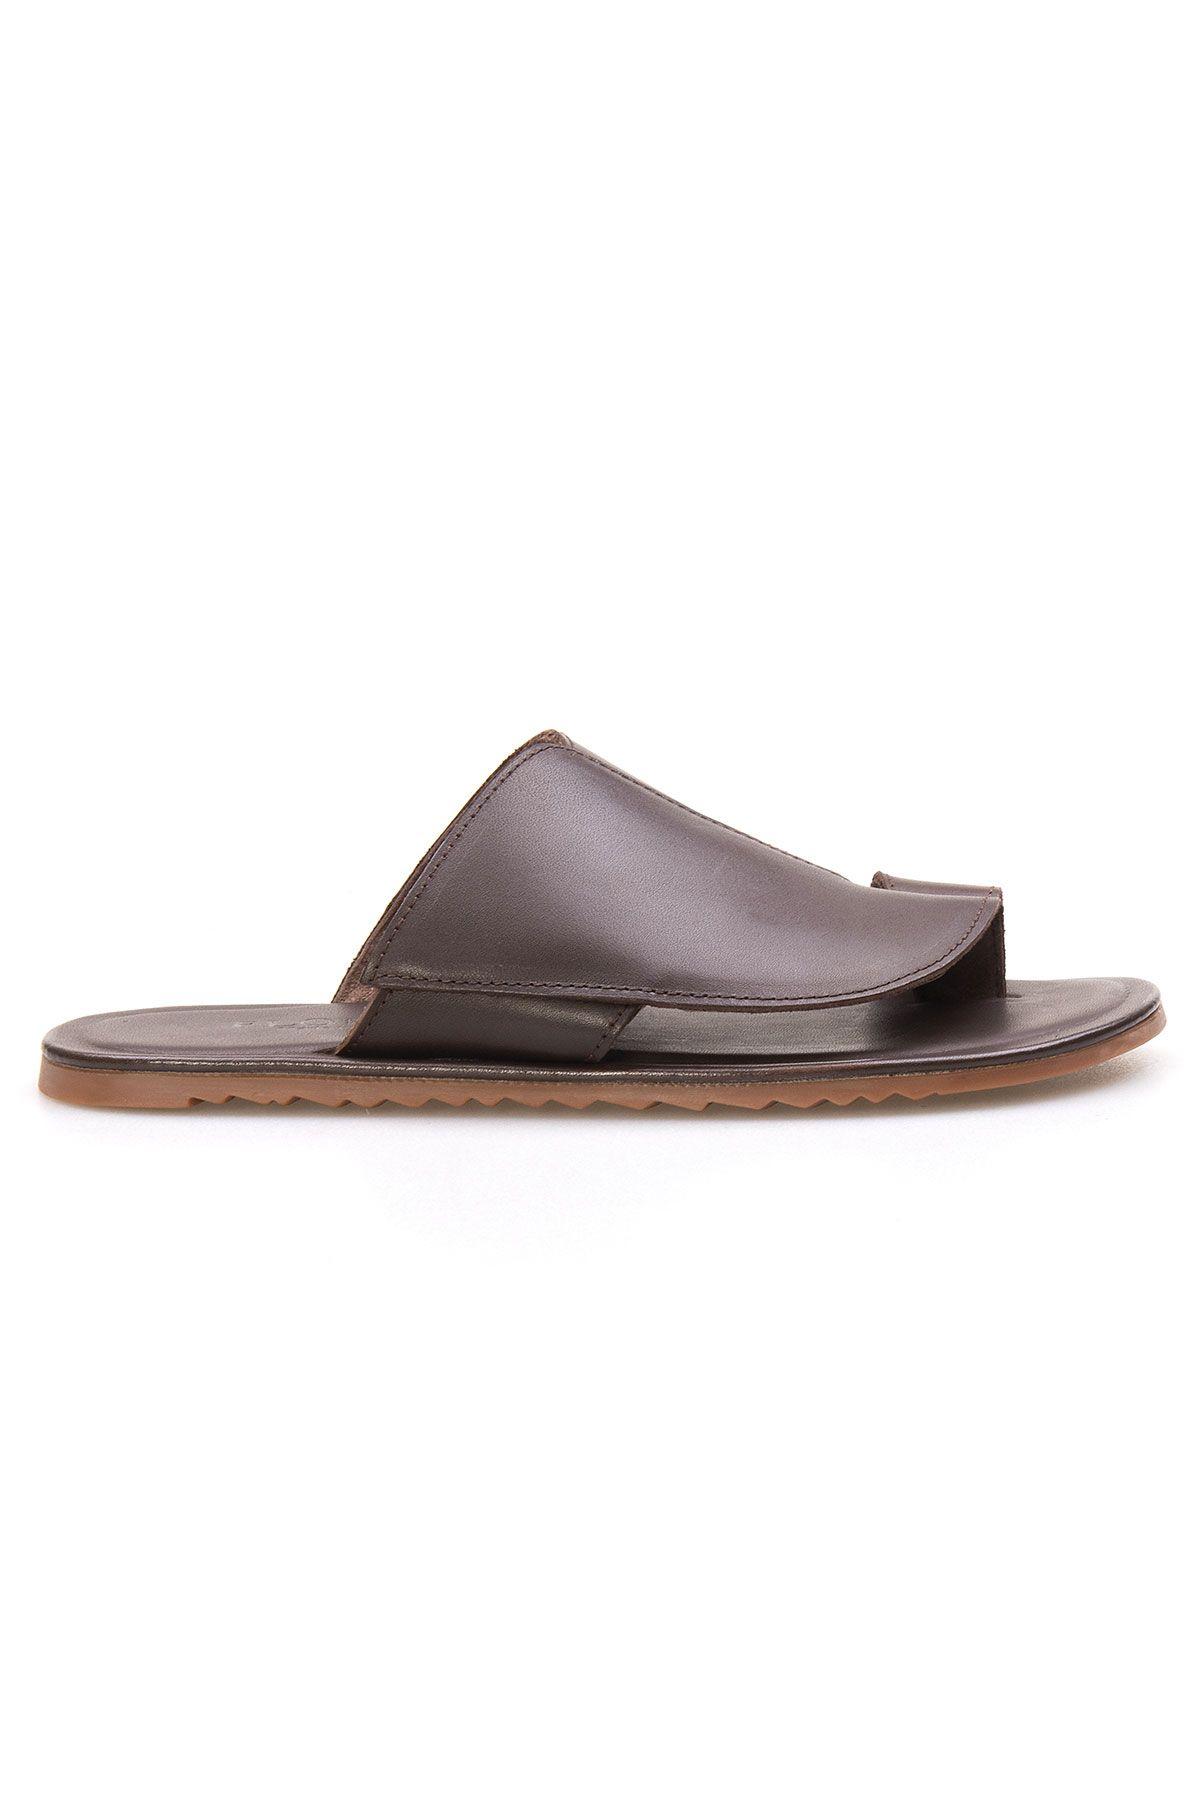 Florra Genuine Leather Men Slippers 203126 Brown